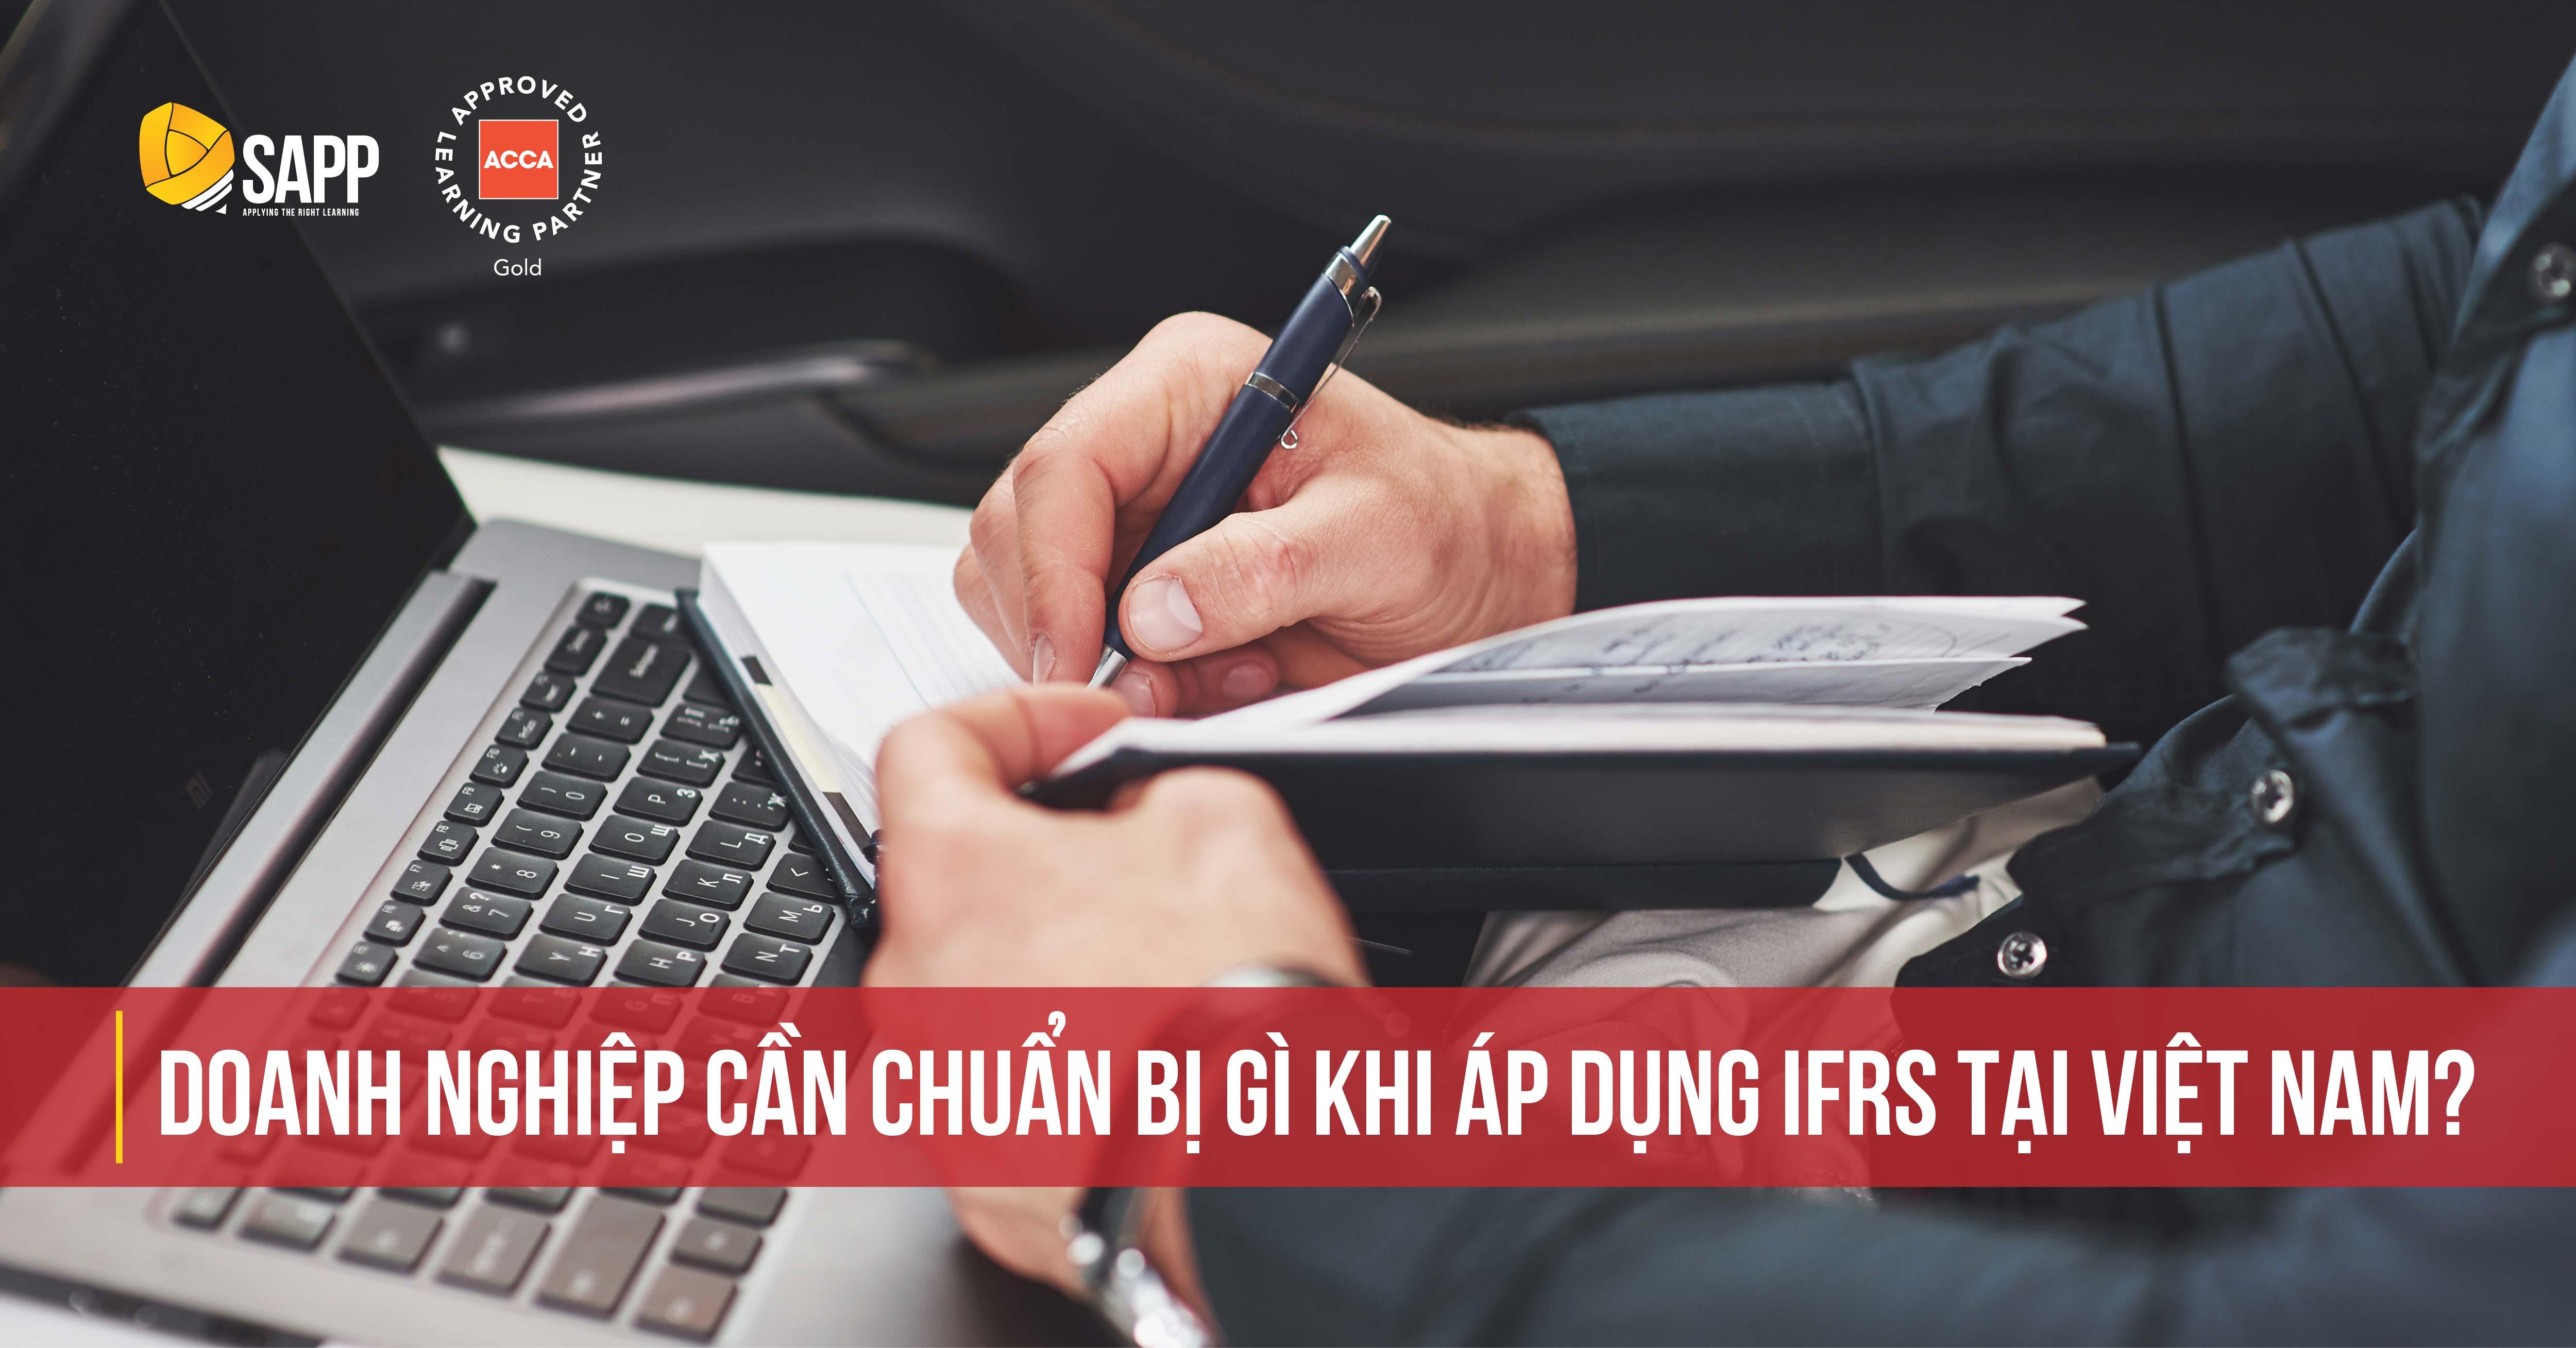 Doanh nghiệp cần chuẩn bị gì khi áp dụng IFRS tại Việt Nam?